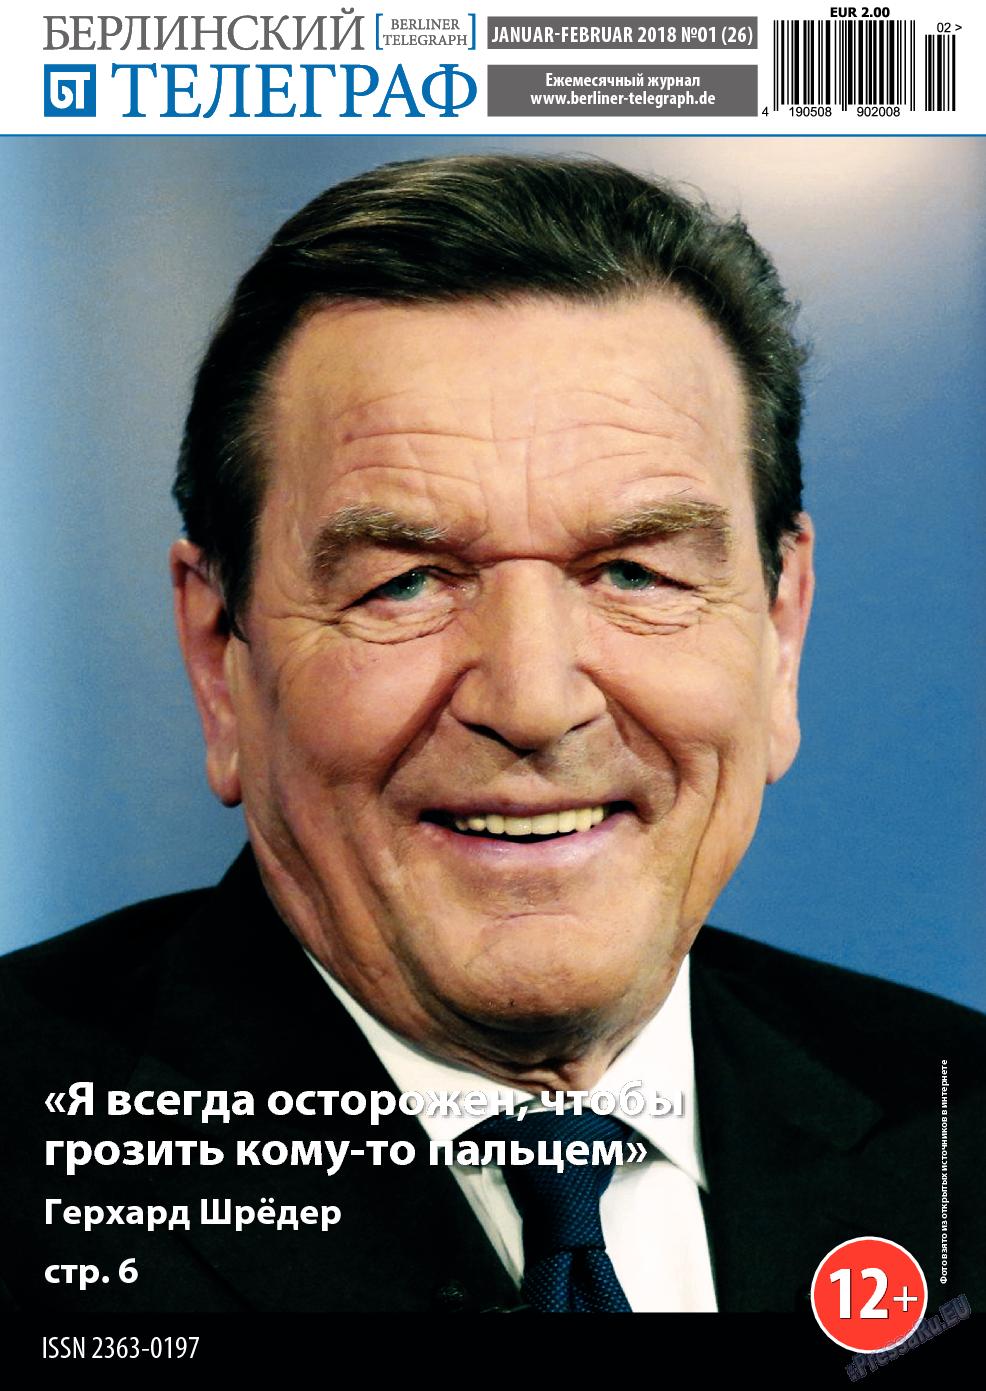 Берлинский телеграф (журнал). 2018 год, номер 26, стр. 1